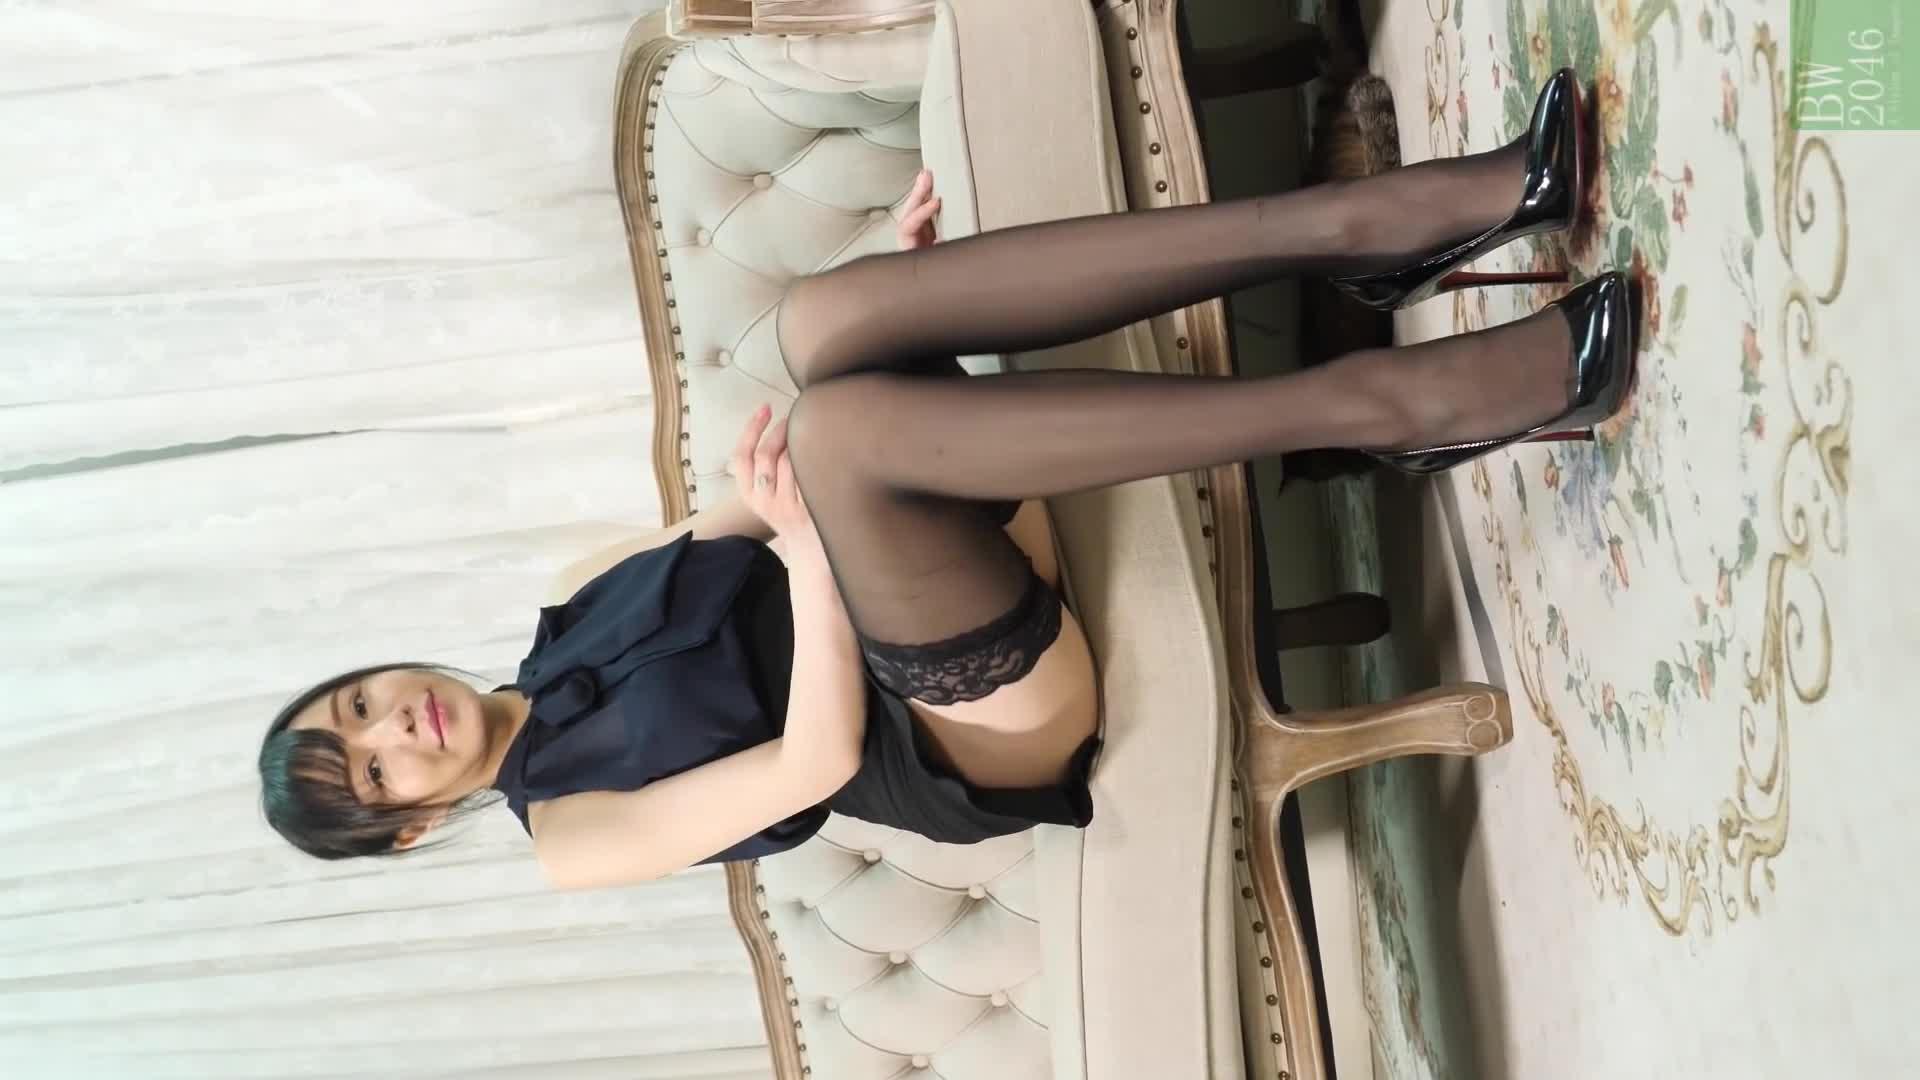 黃子瑩 Joanna Wong - 拍攝花絮 #01 黑絲長腿 @ 少女頻道 Girls Channel X BW X Max Art Place S01E02 (Mobile Version)